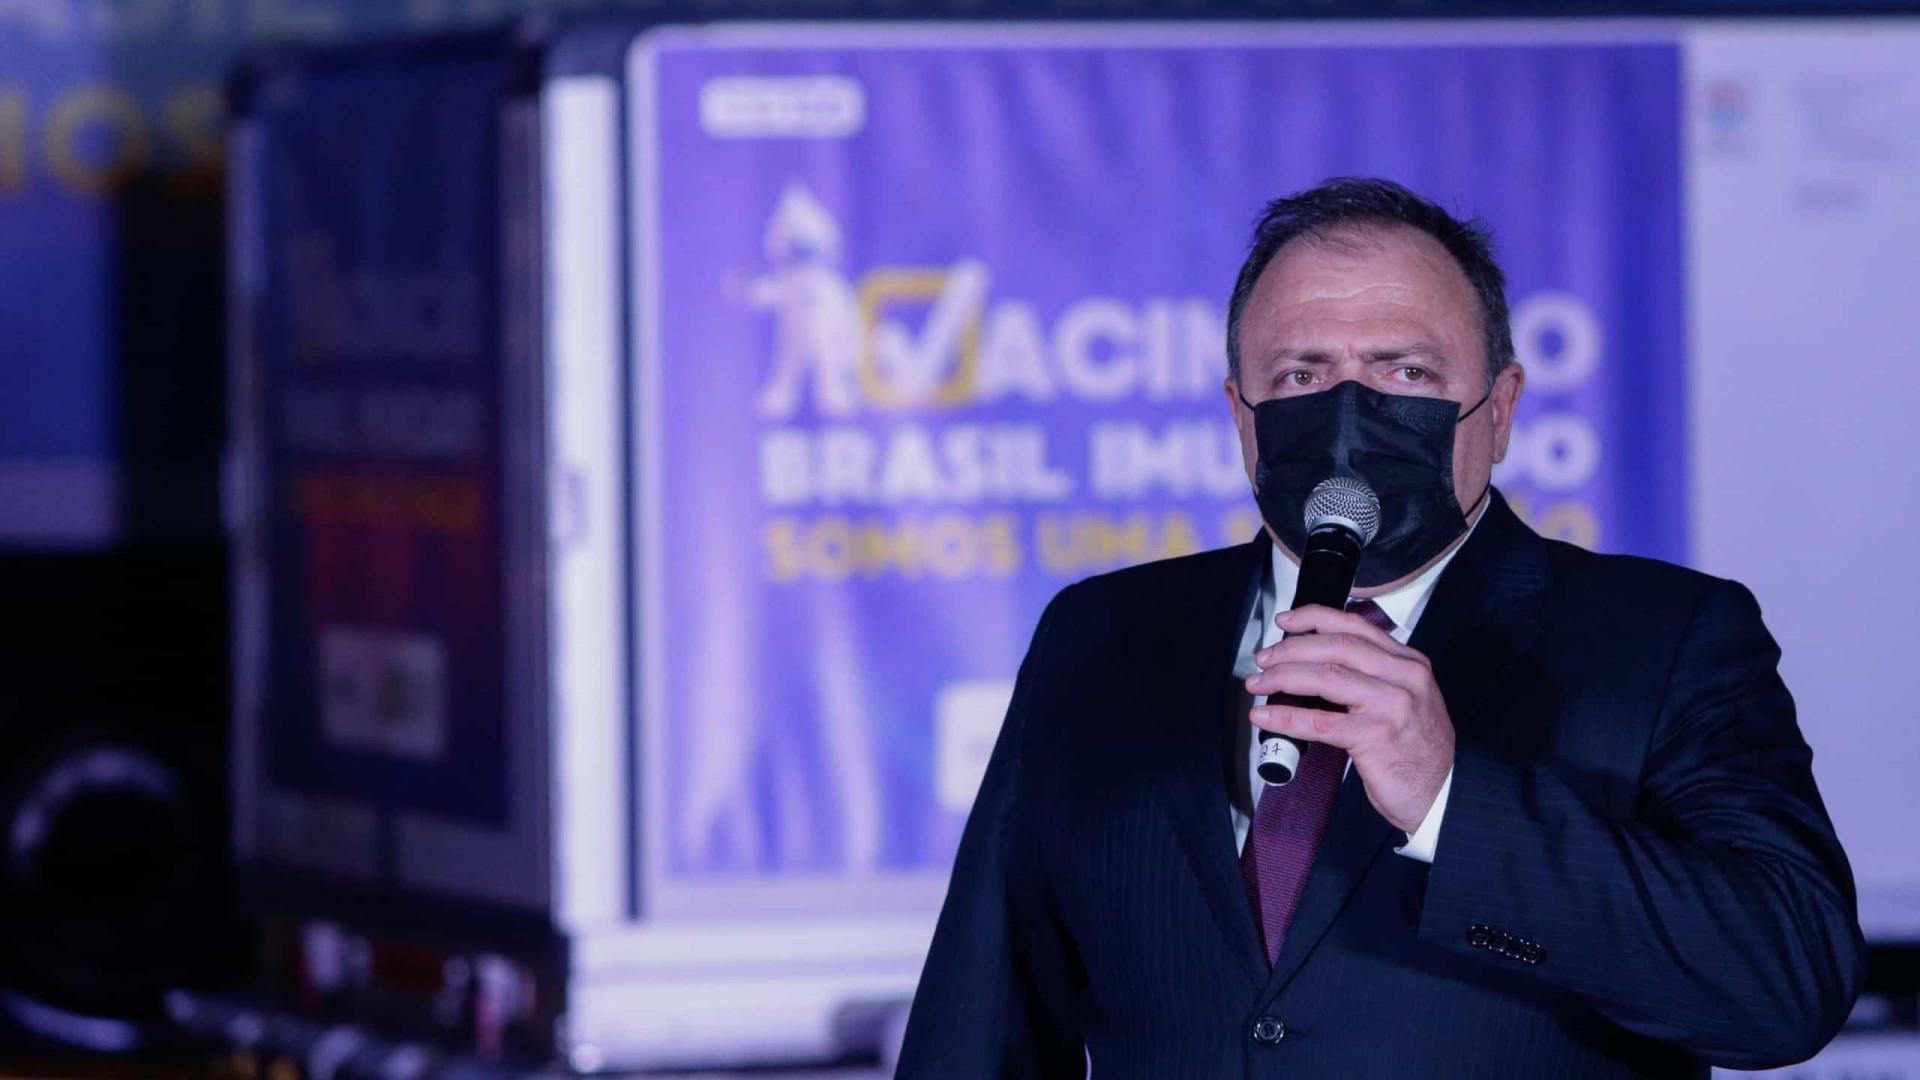 Governo só gastou 9% da verba emergencial liberada para vacinas contra a Covid-19